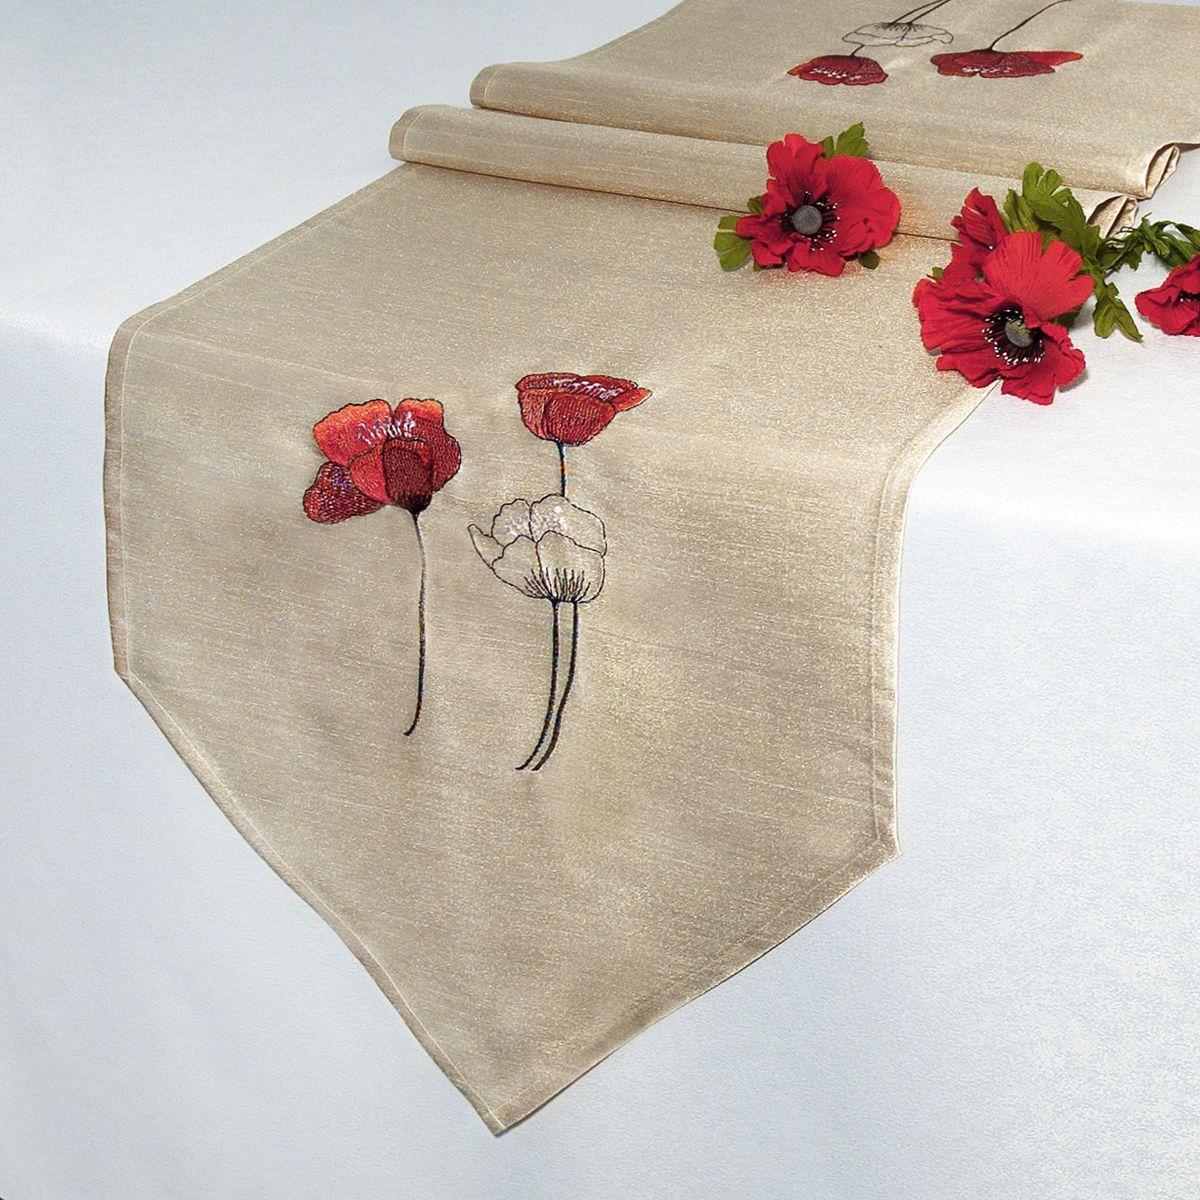 Дорожка для декорирования стола Schaefer, 40 x 160 см, цвет: бежевый. 07201-254 дорожка 900 1500мм